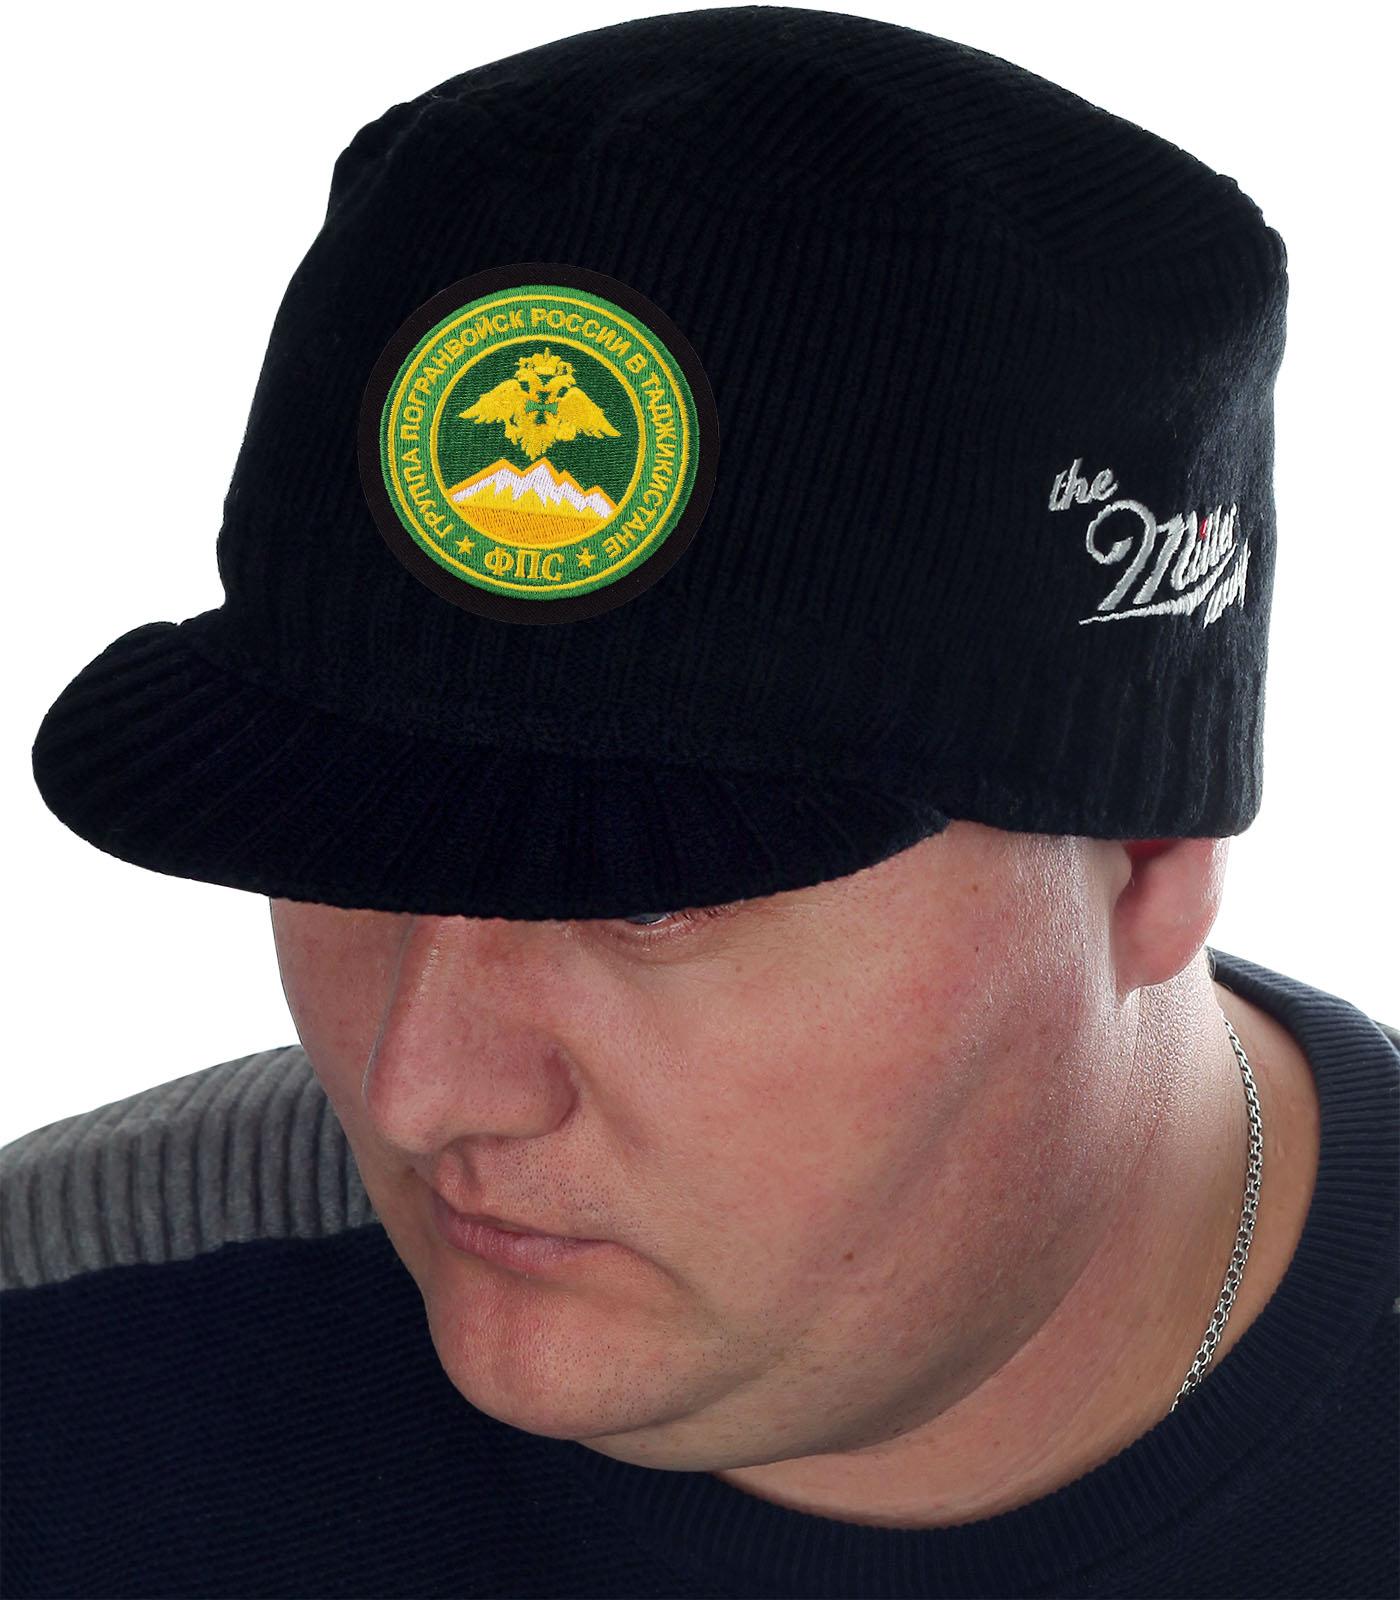 Утепленная стильная шапка с козырьком от Miller - заказать онлайн